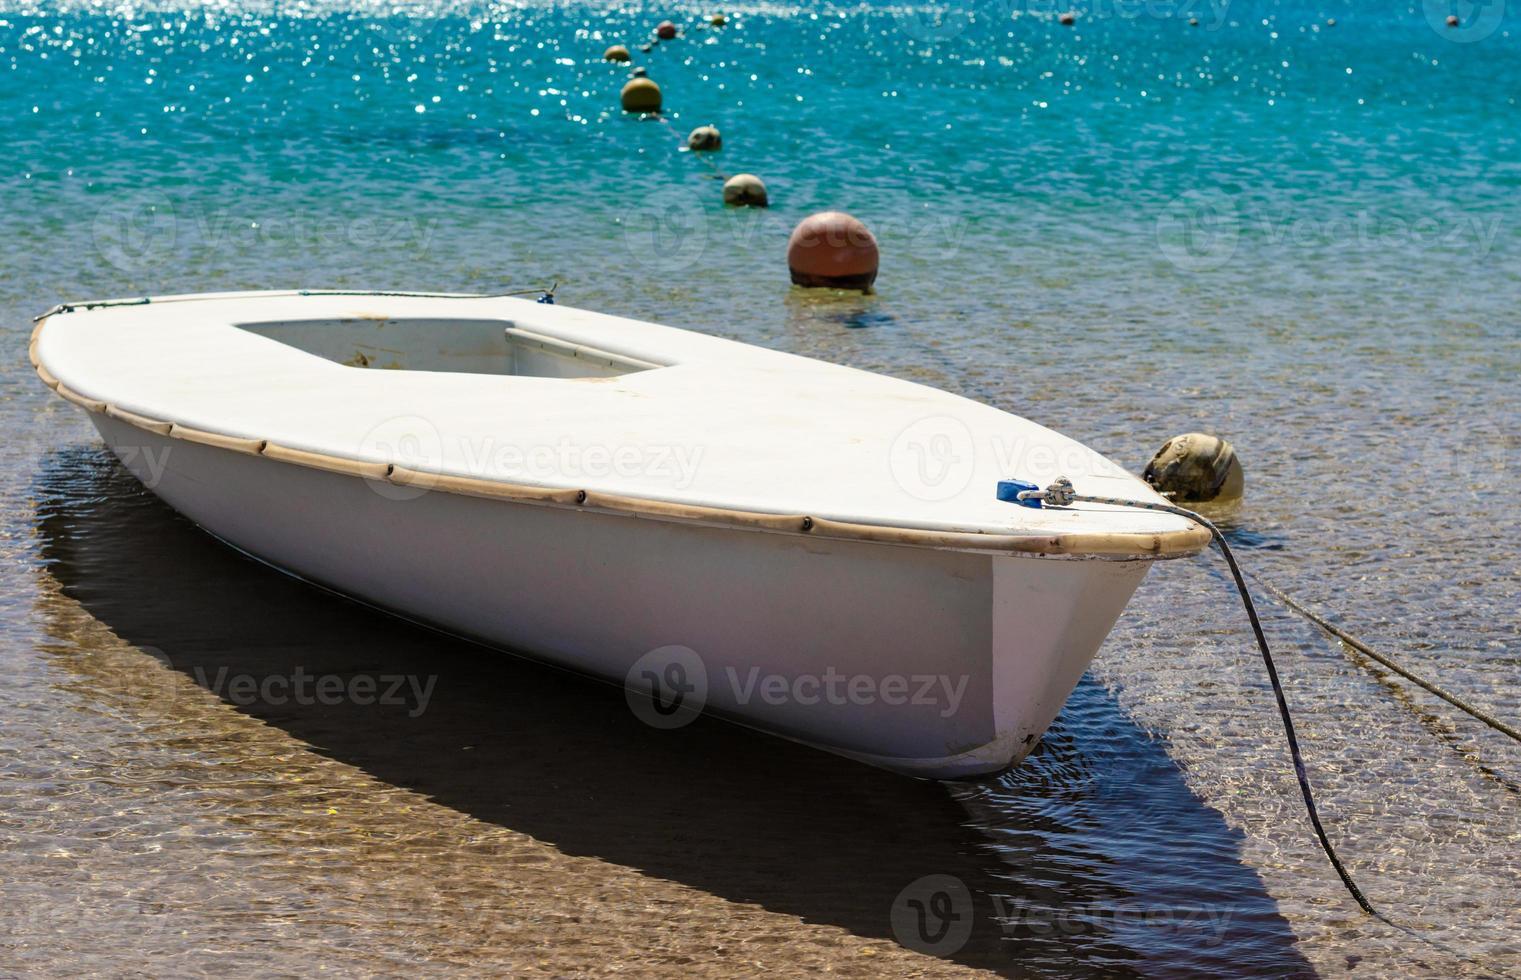 barco atado en agua turquesa foto